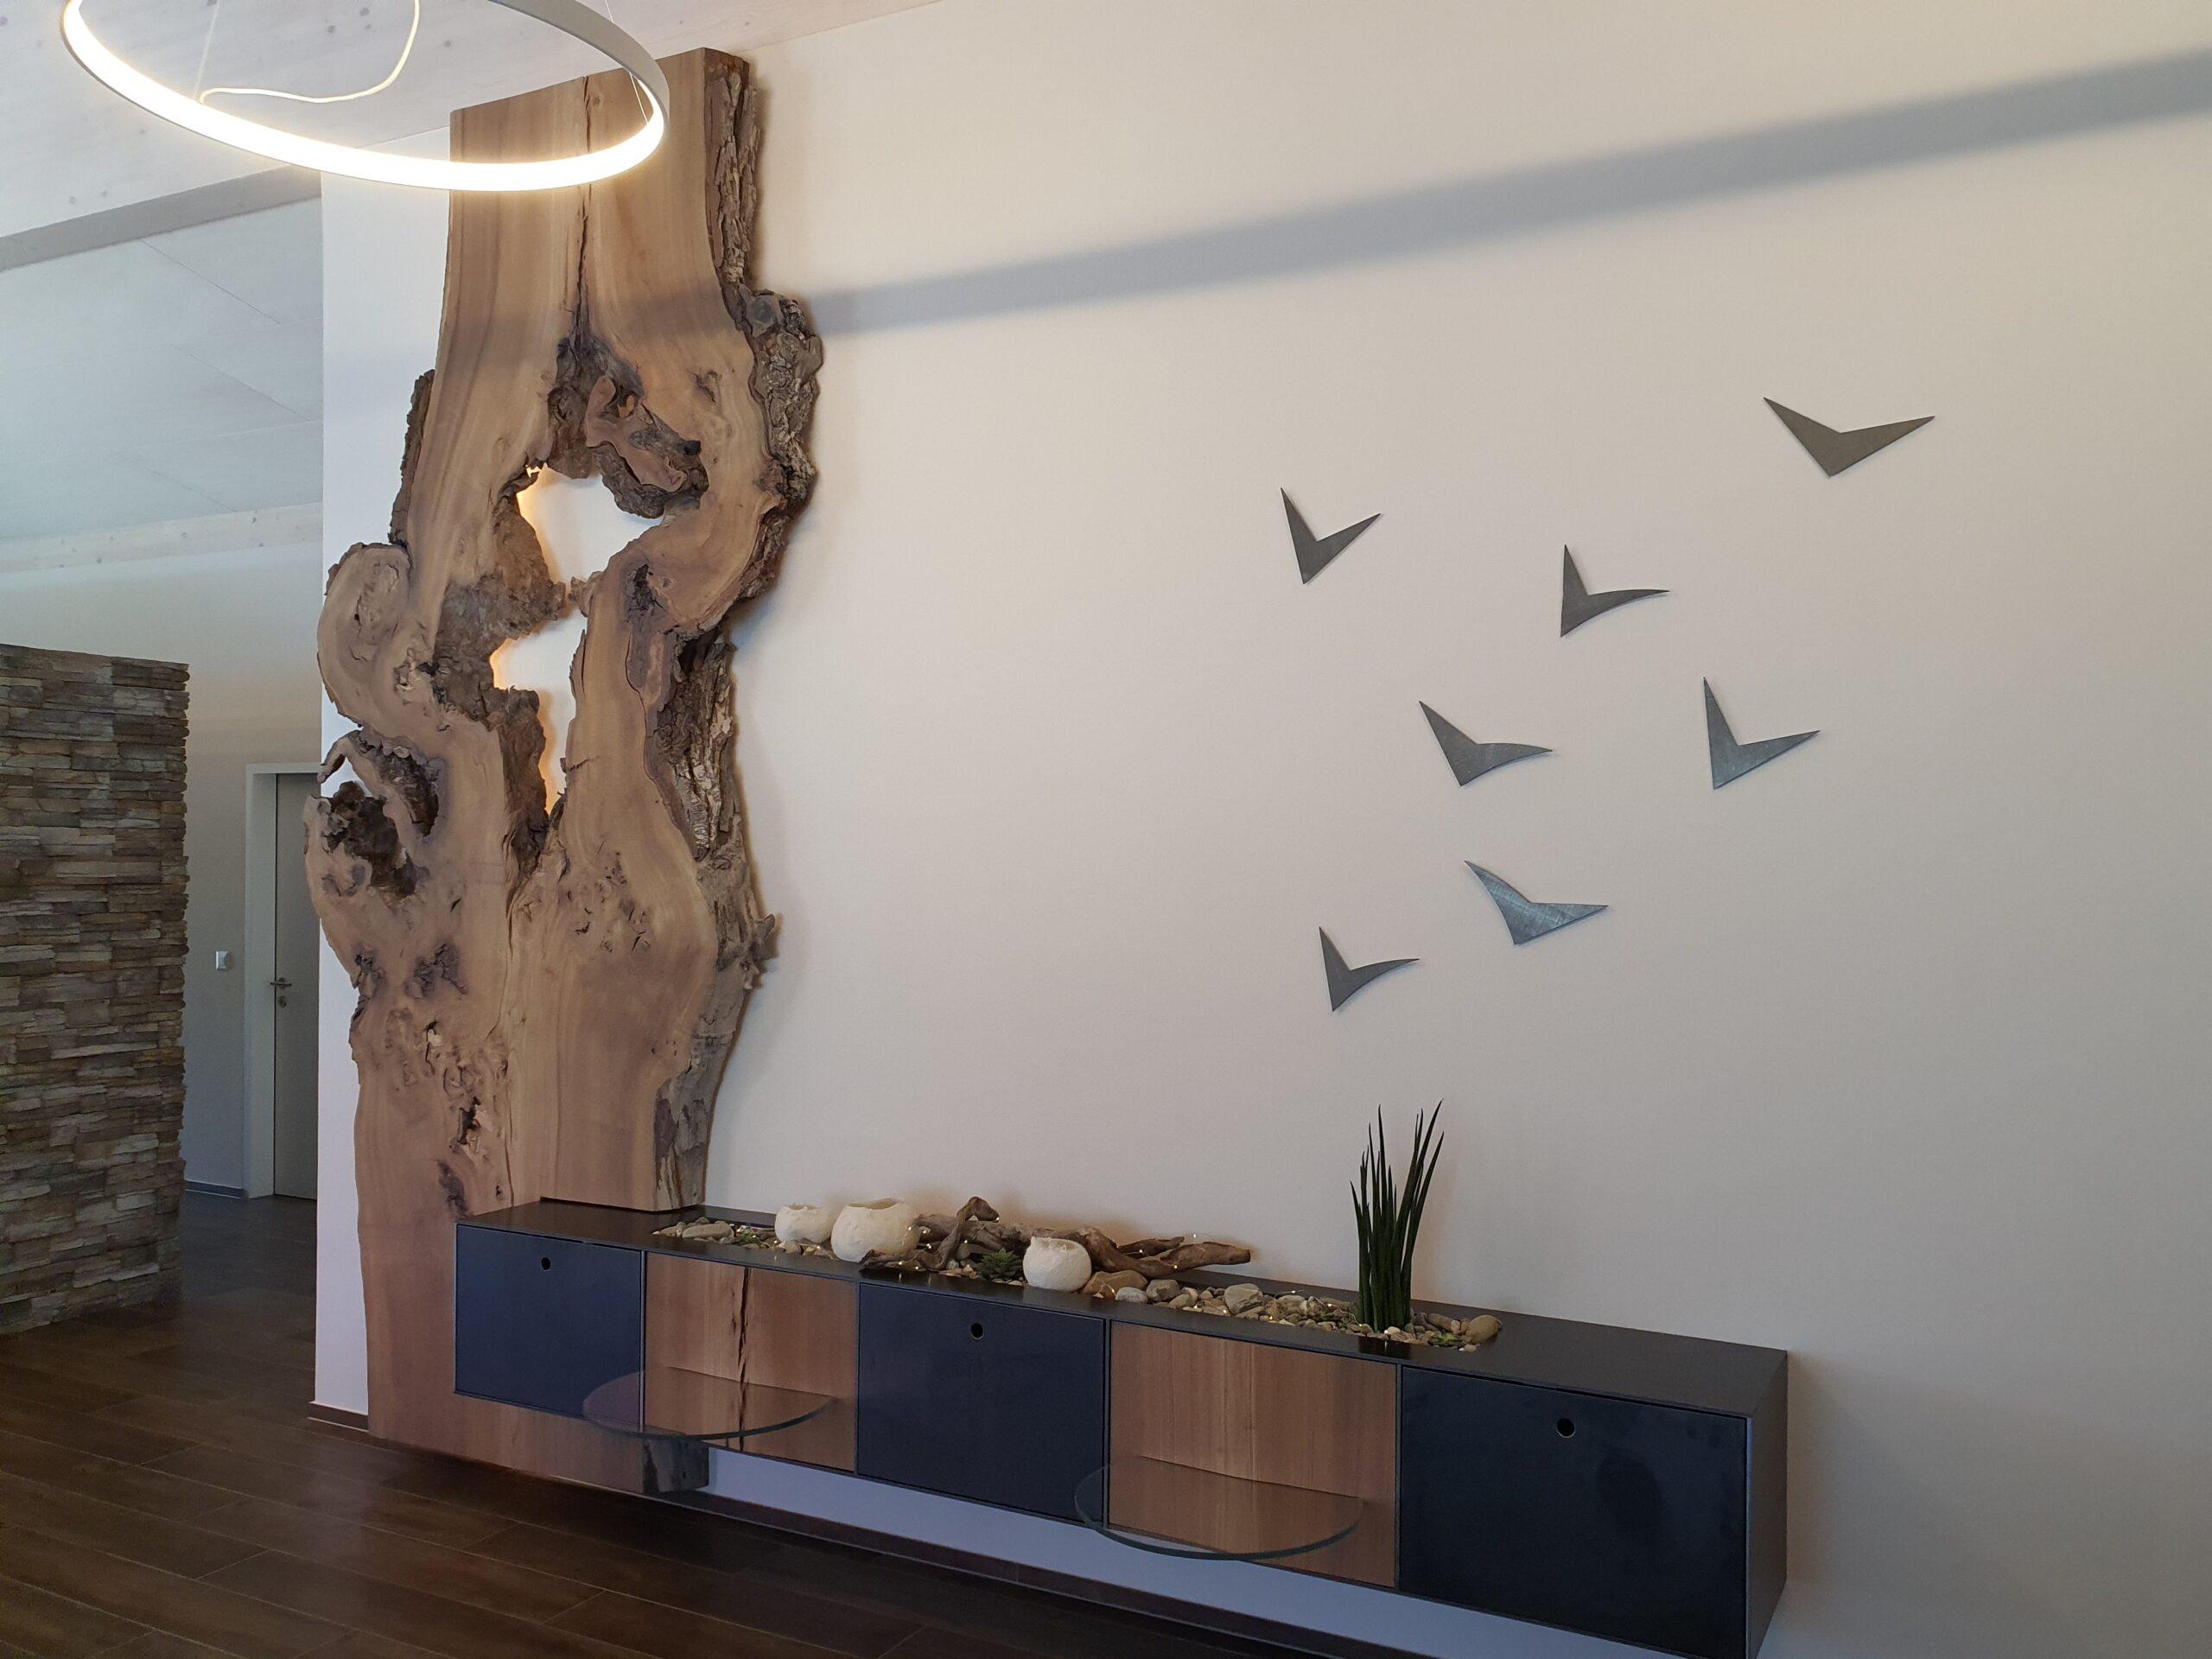 Wooddesign_Holzleuchten_LED-Beleuchtung_Licht_Indirekte Beleuchtung_Direkte Beleuchtung_Holzdesign (29)-min